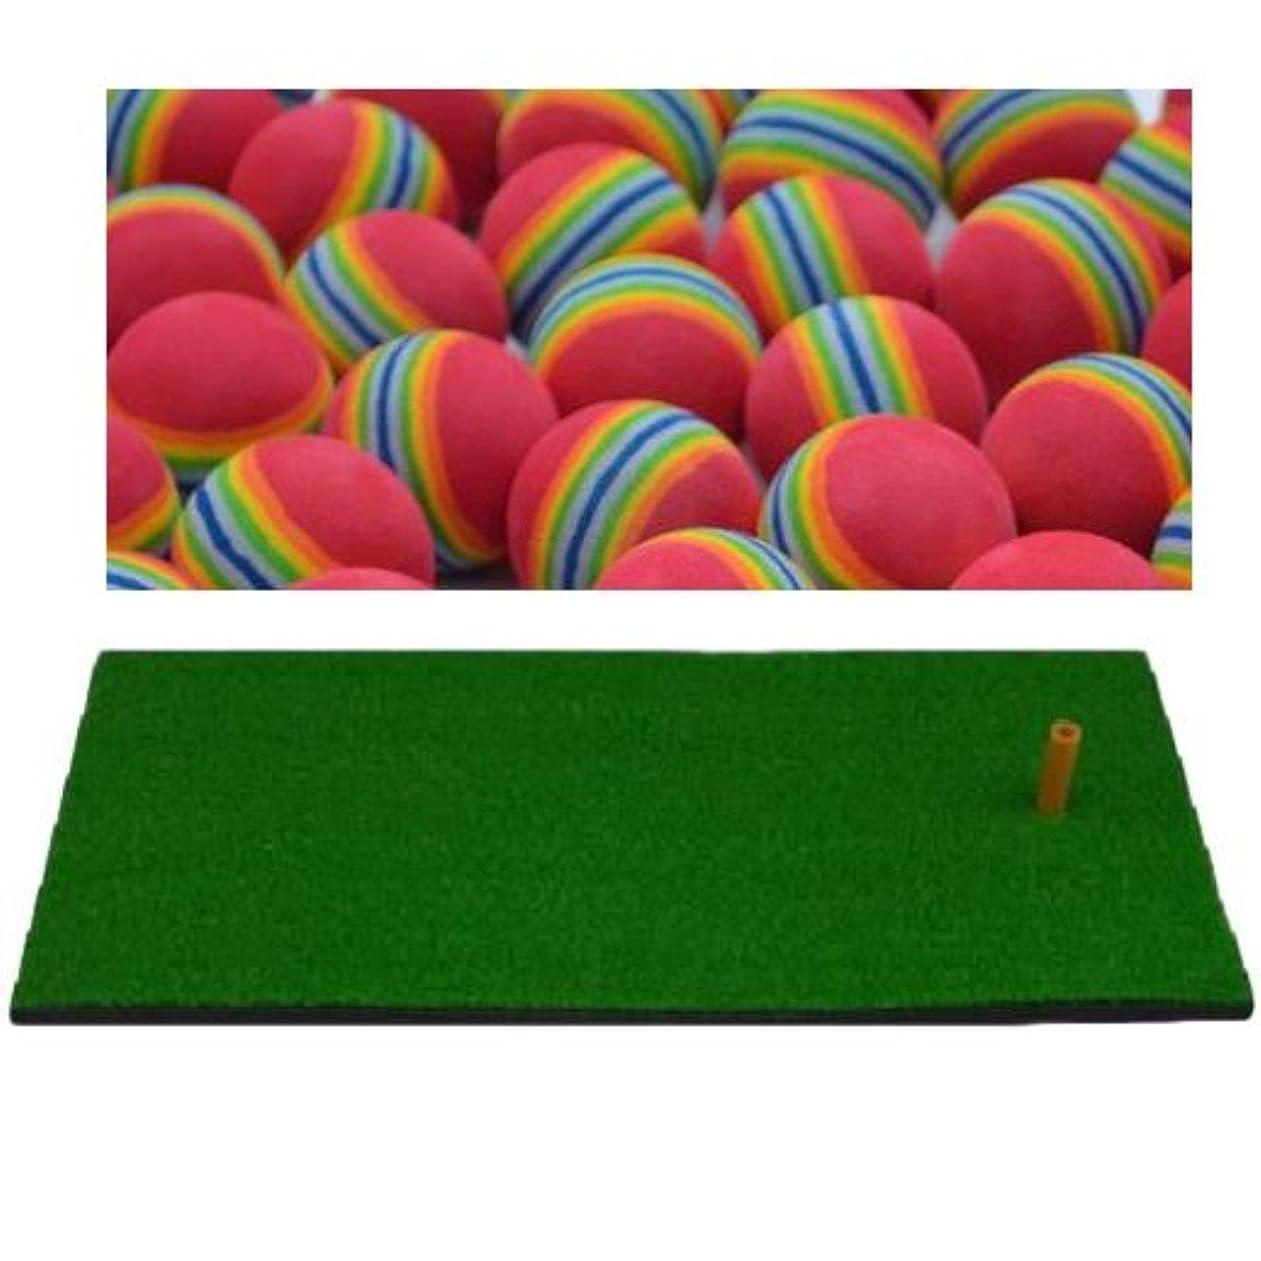 召喚する引退したひいきにするZAFIELD ゴルフ 練習マット スイング マット フェアウェイ フルショット ラフ 練習用 60×30cm